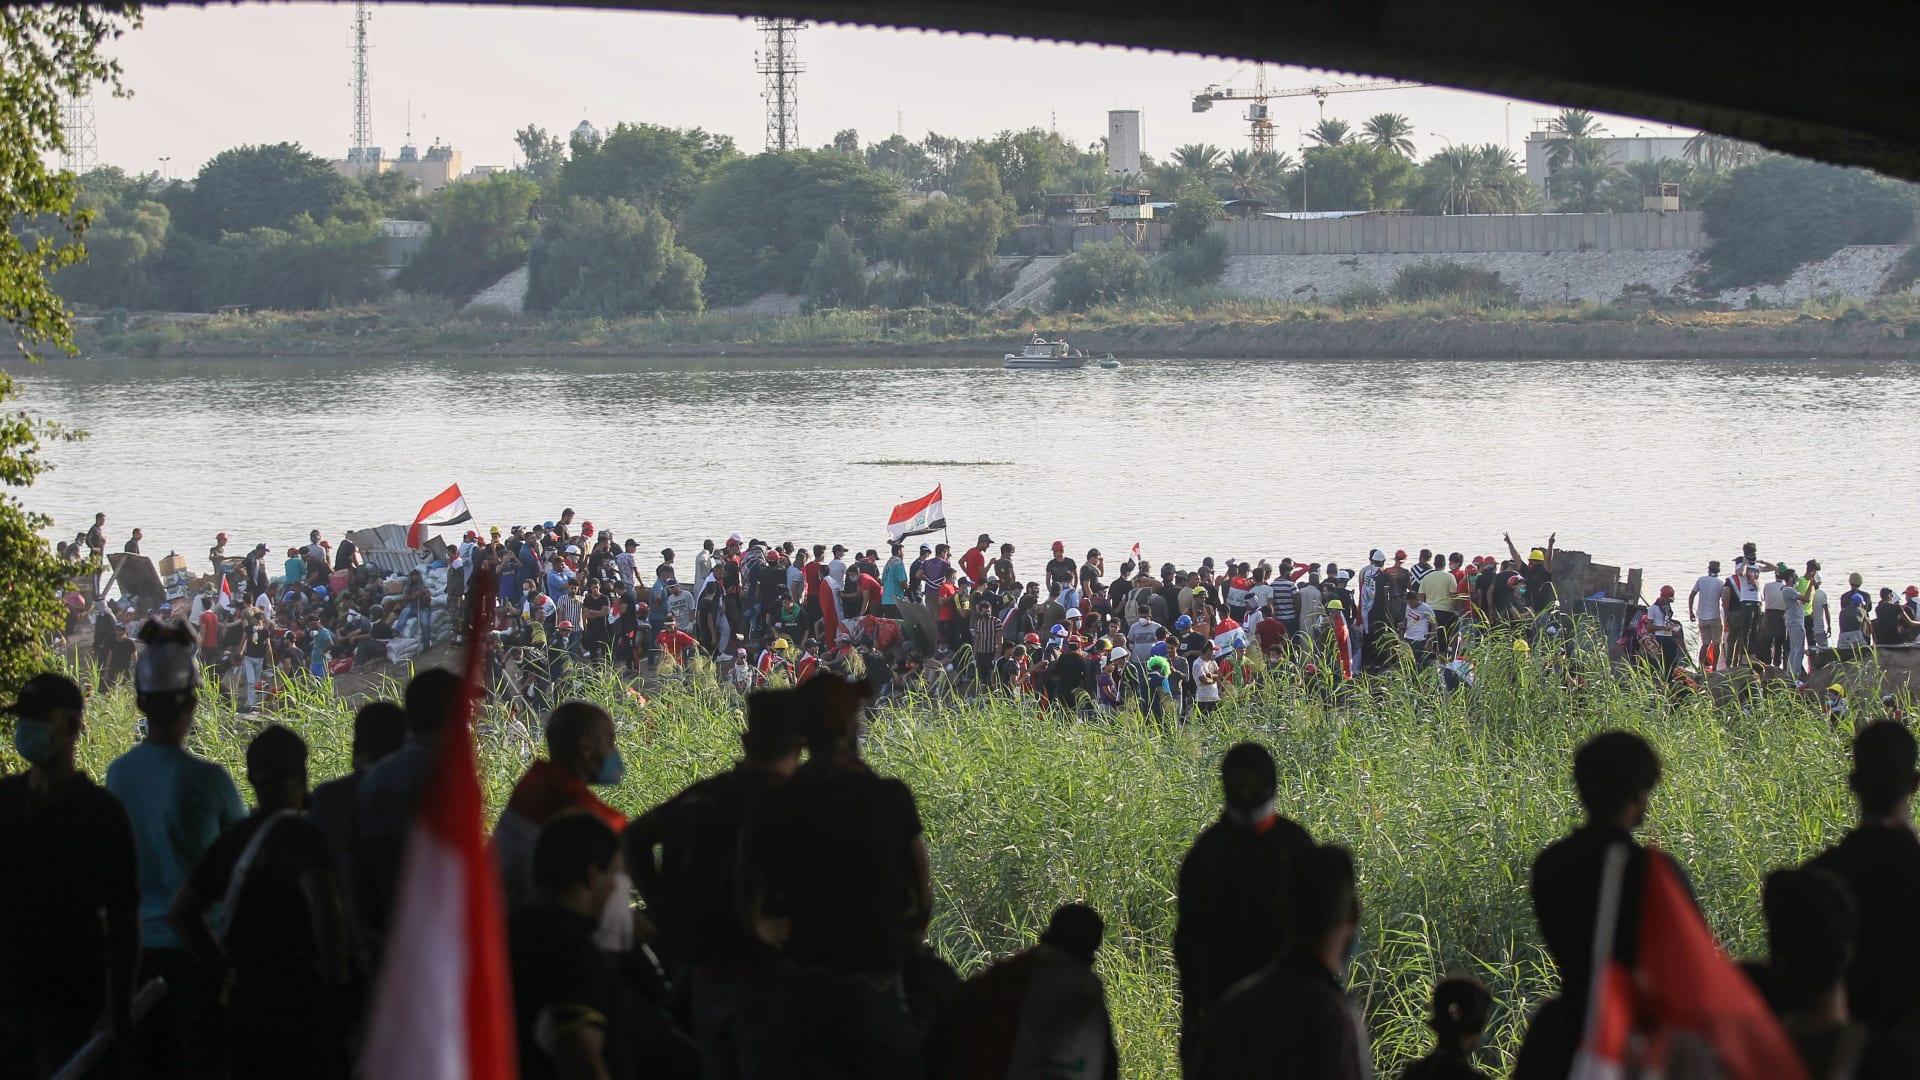 اشتباكات عنيفة بين الأمن ومتظاهرين على جسر بالعراق.. وأنباء عن سقوط قتلى ومصابين